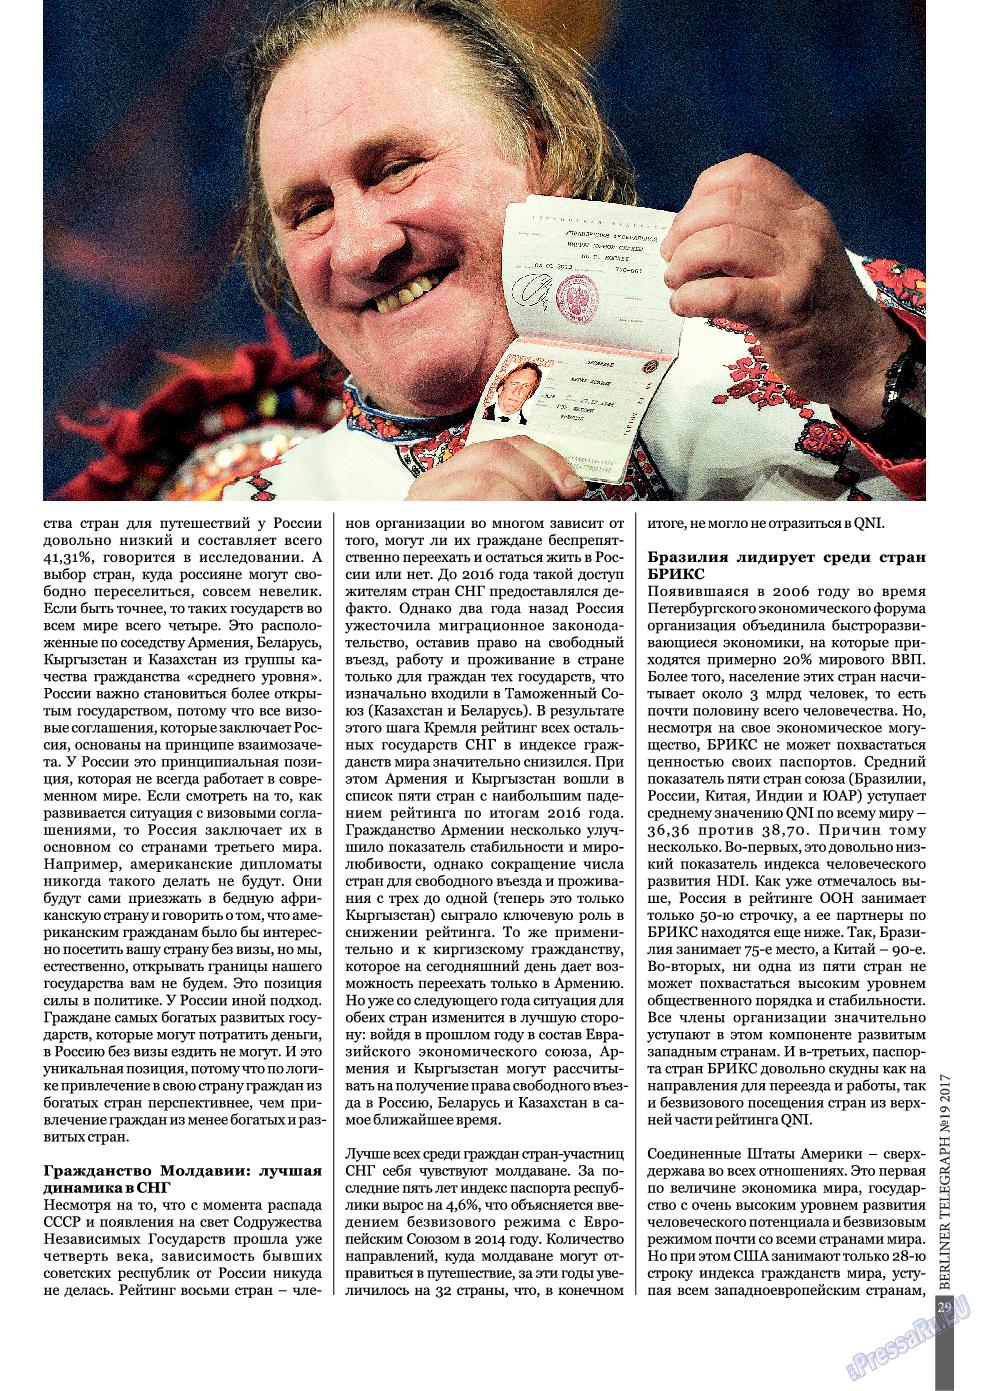 Берлинский телеграф (журнал). 2017 год, номер 19, стр. 29